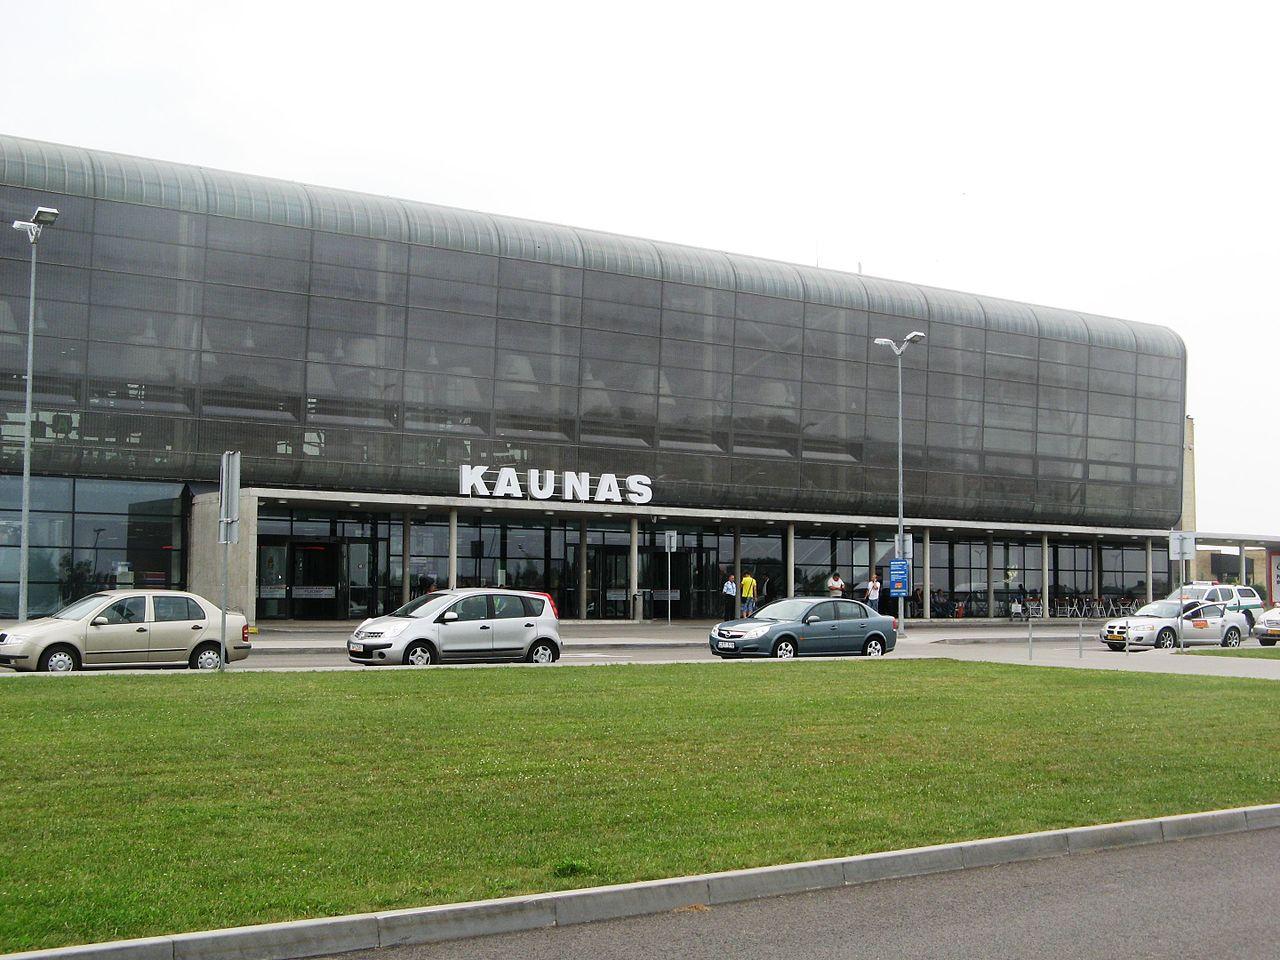 Kaunasin lentokenttä